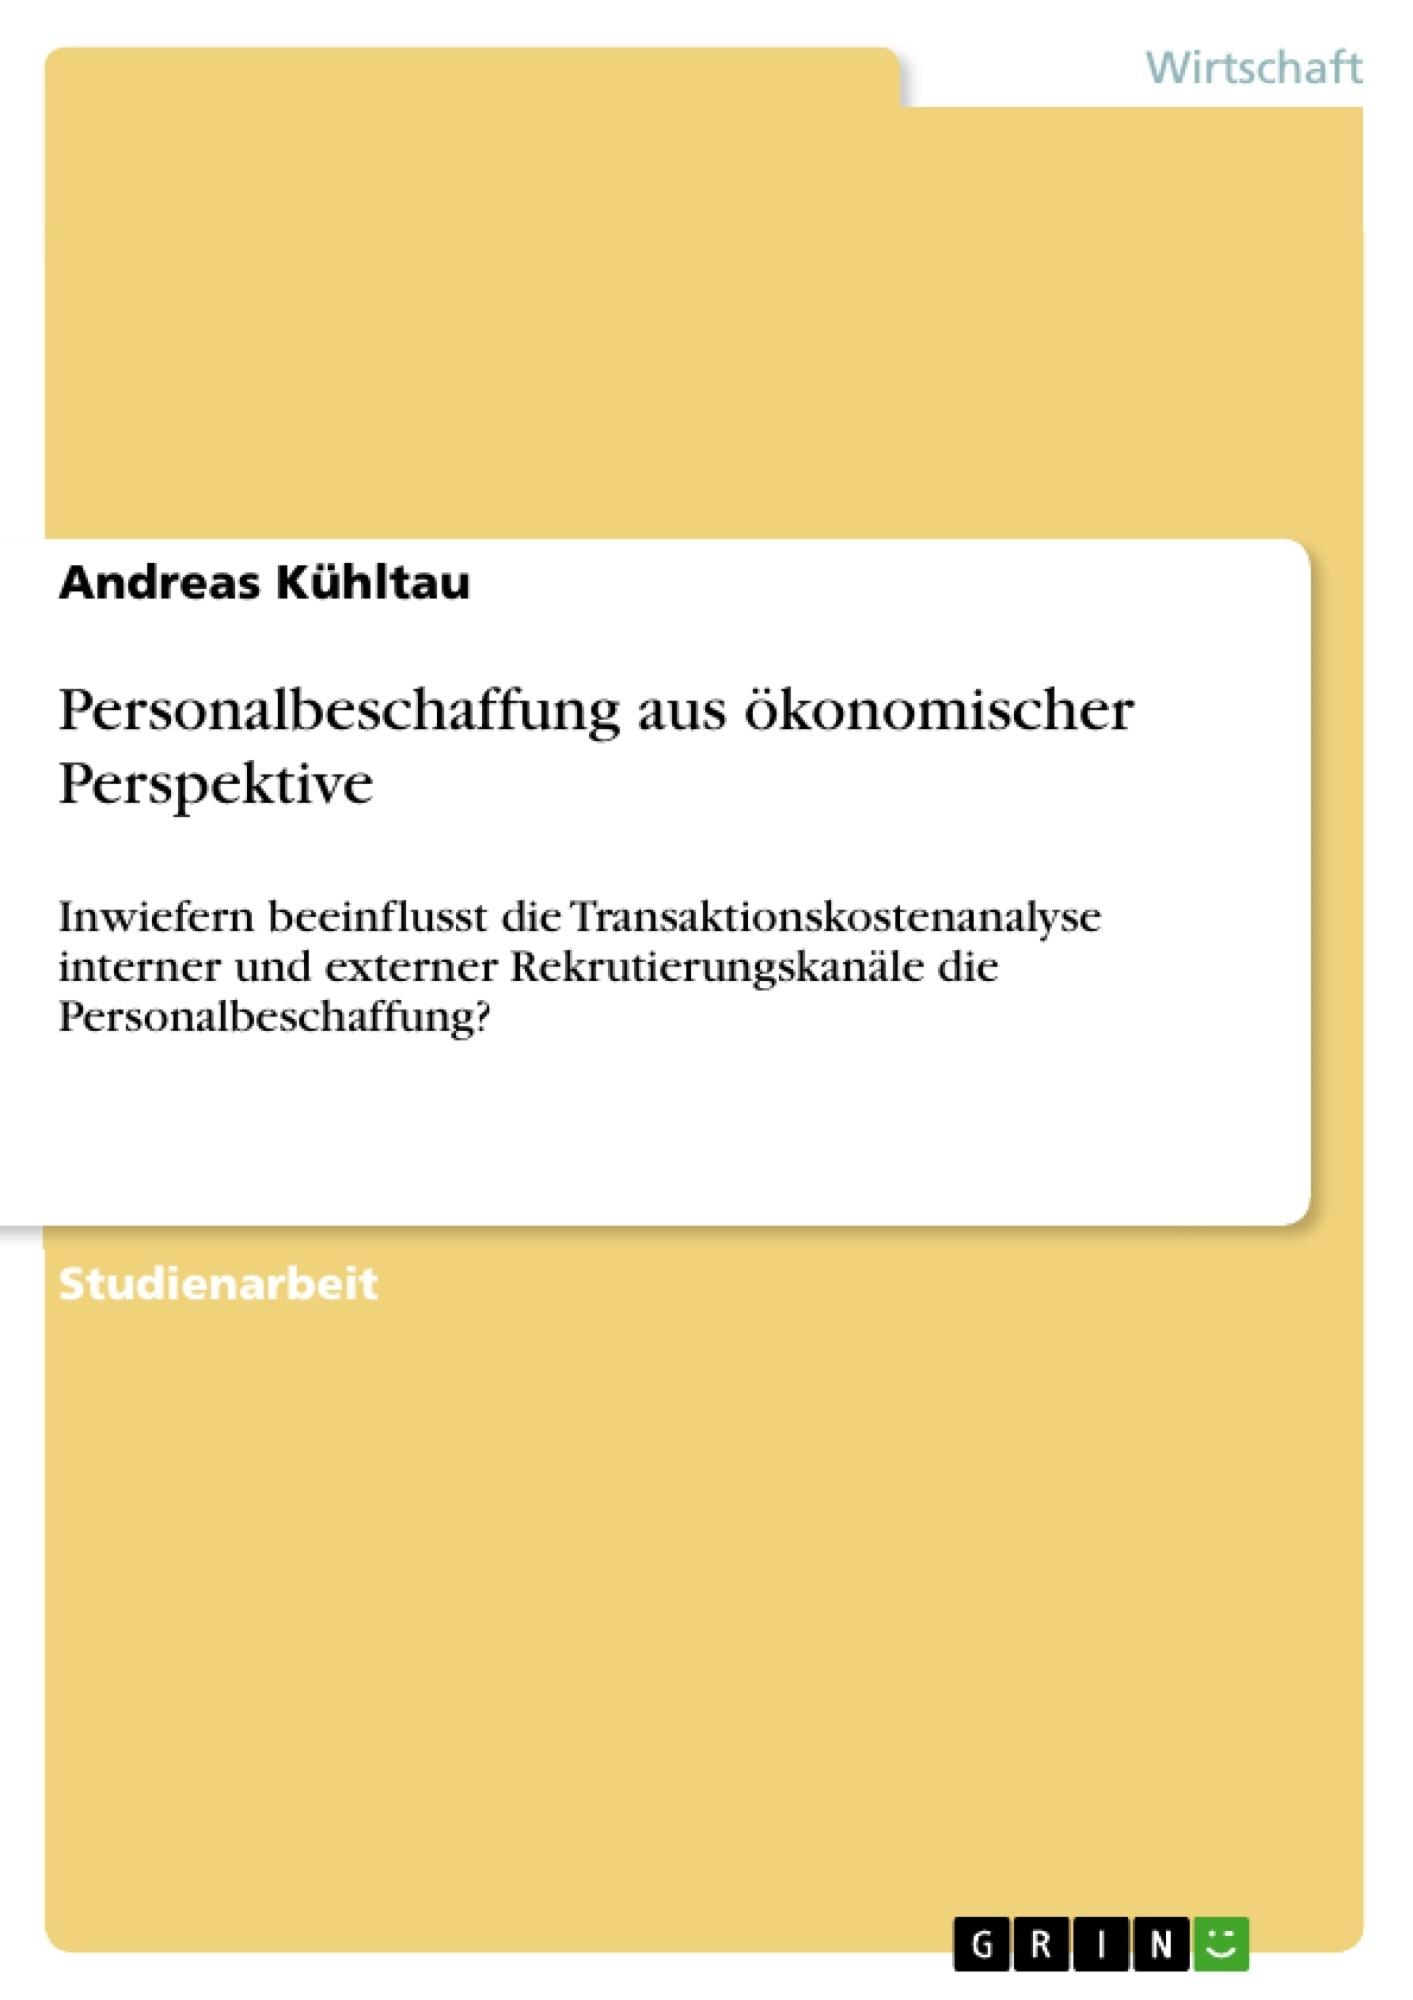 Titel: Personalbeschaffung aus ökonomischer Perspektive